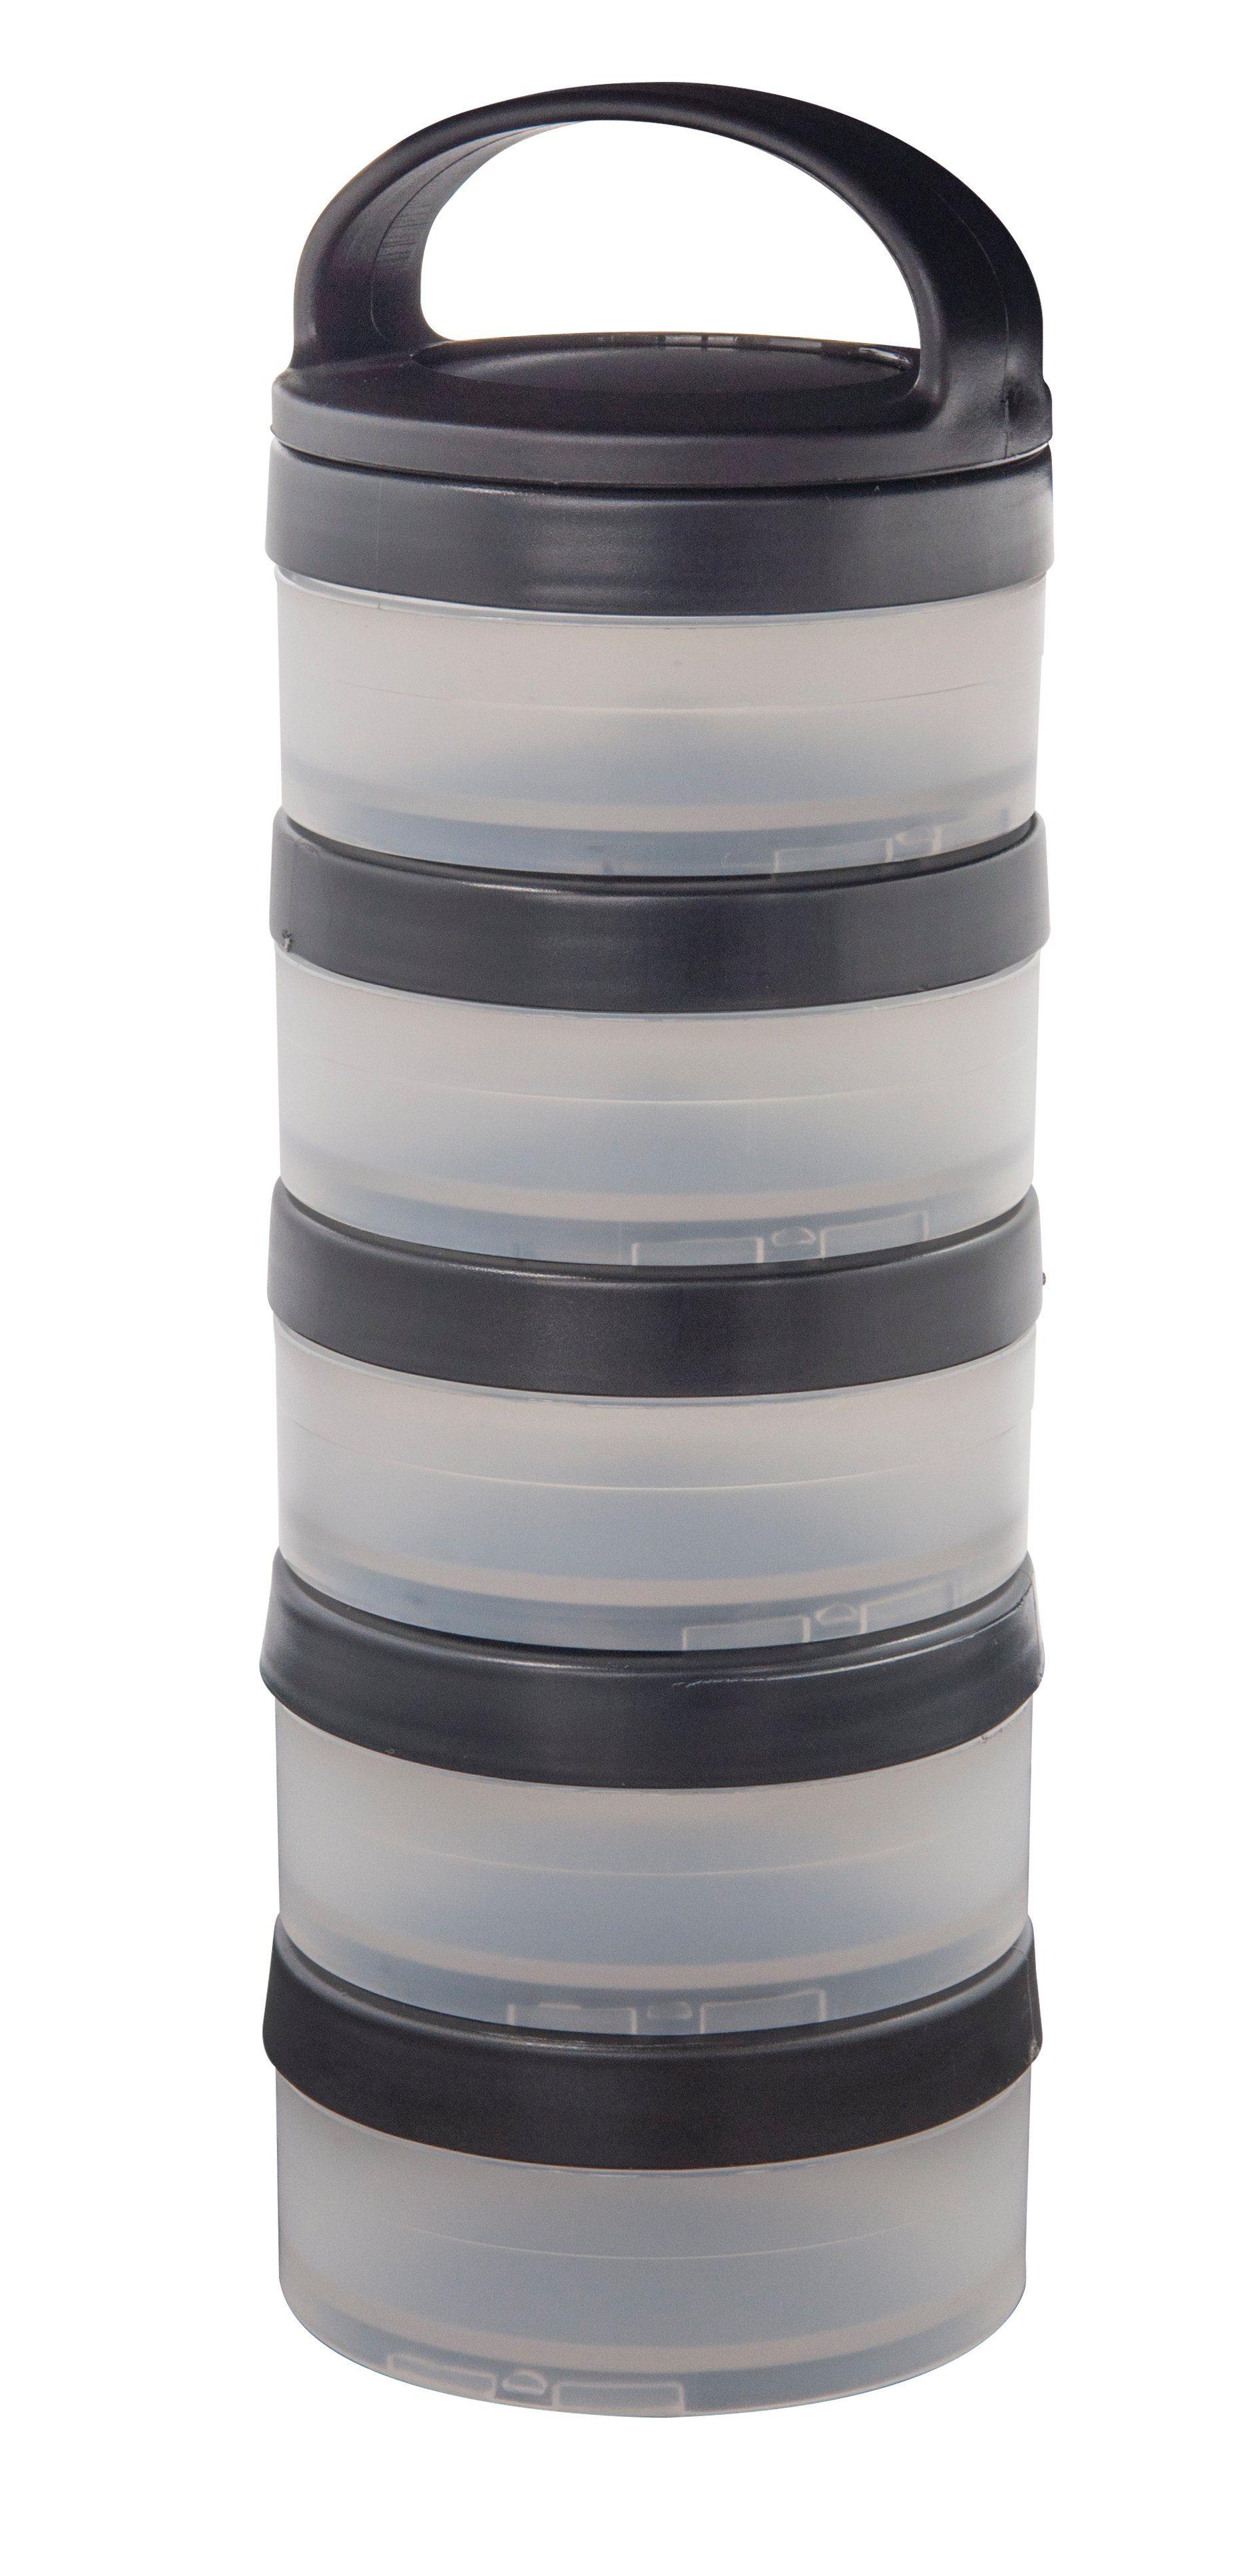 BRESSER Mikroskop »BRESSER Stapelbehälter für Mikroskopiezubehör«